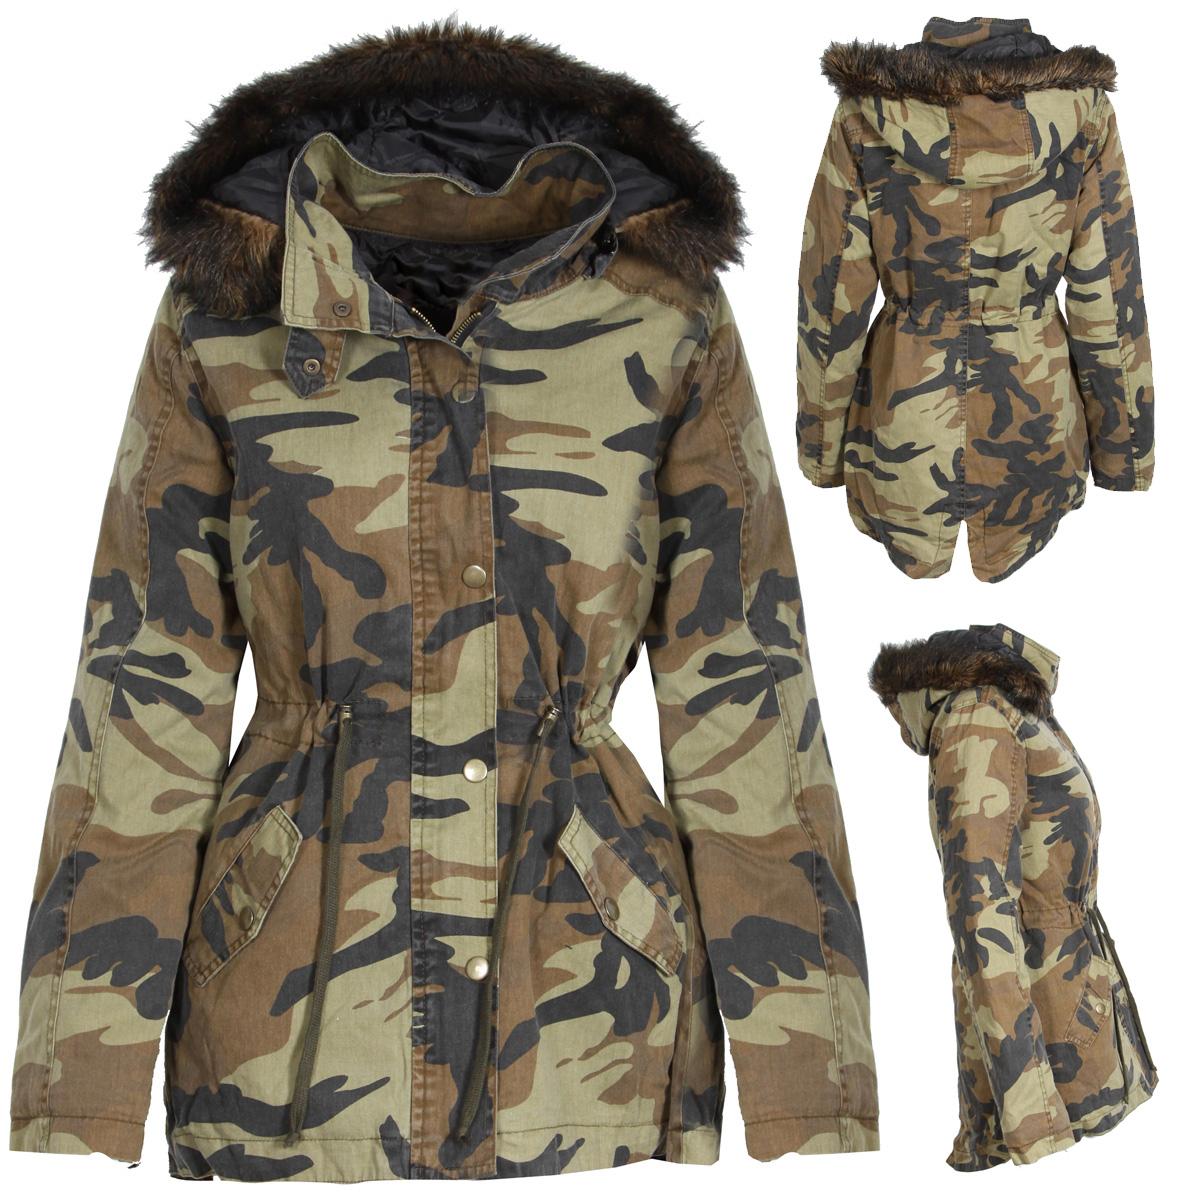 Camo coats for women